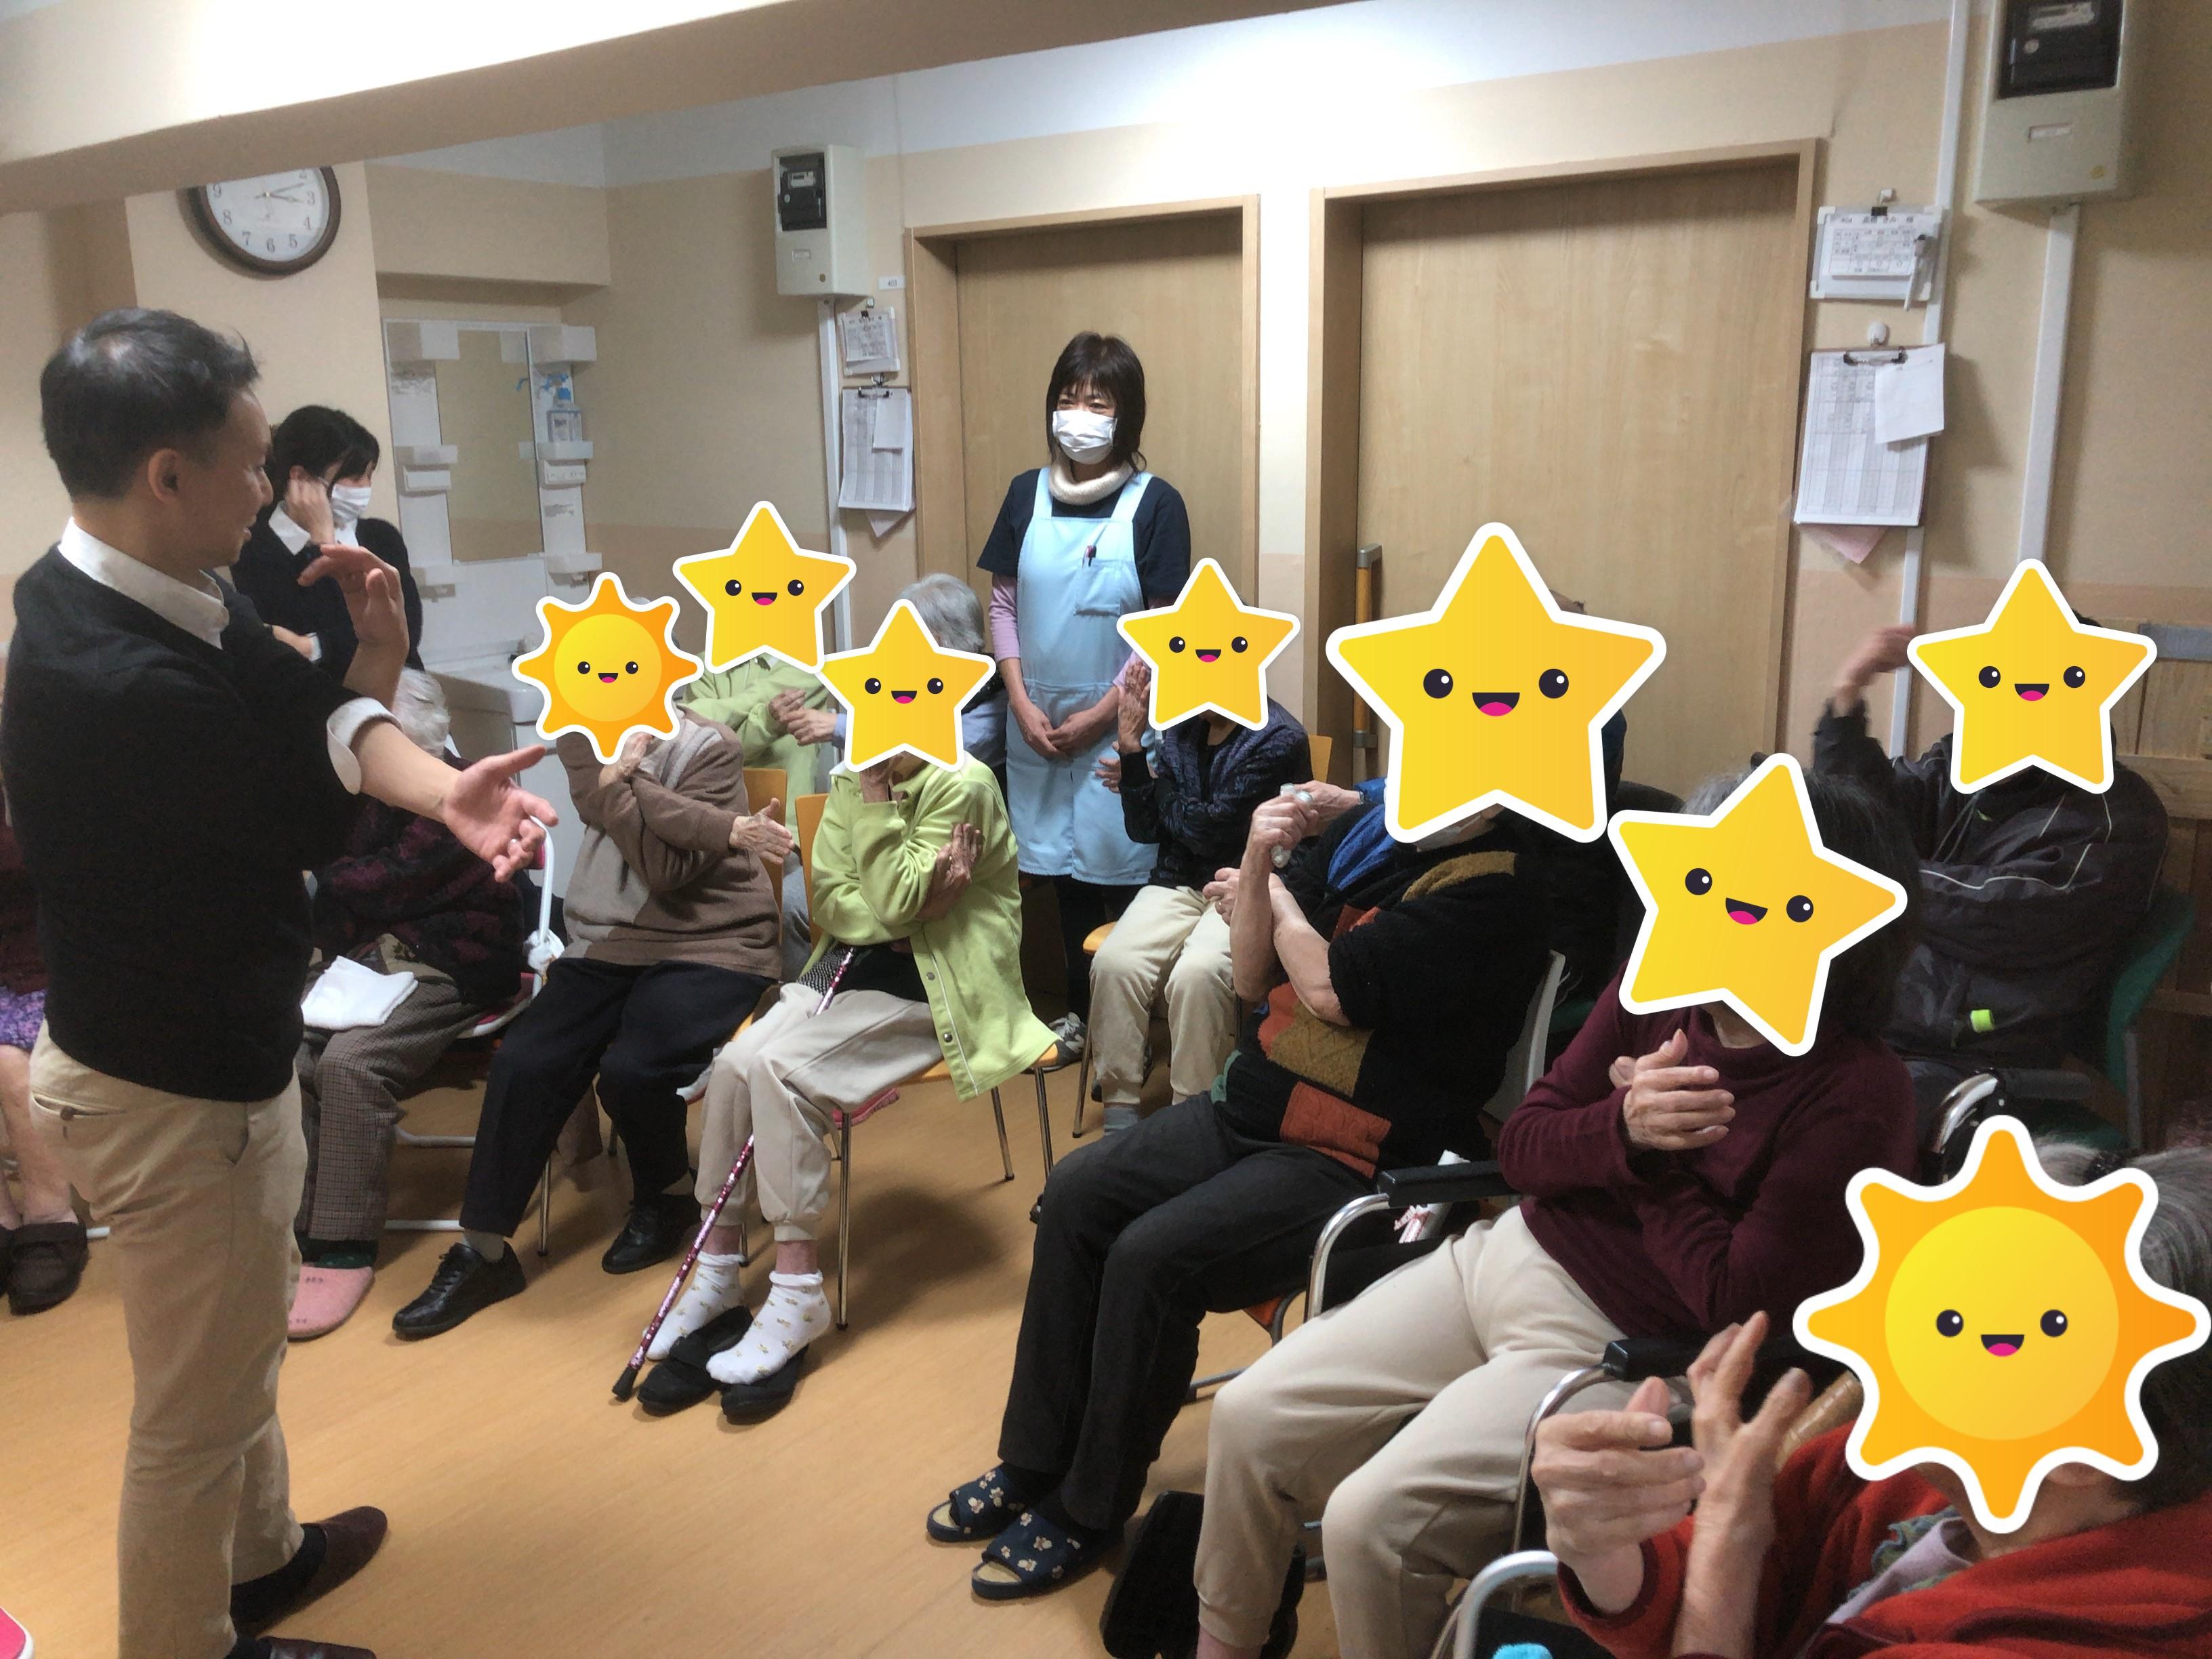 12月10日筬綾レジデンス・西新井江北クリニックにて健康体操を開催致しました。